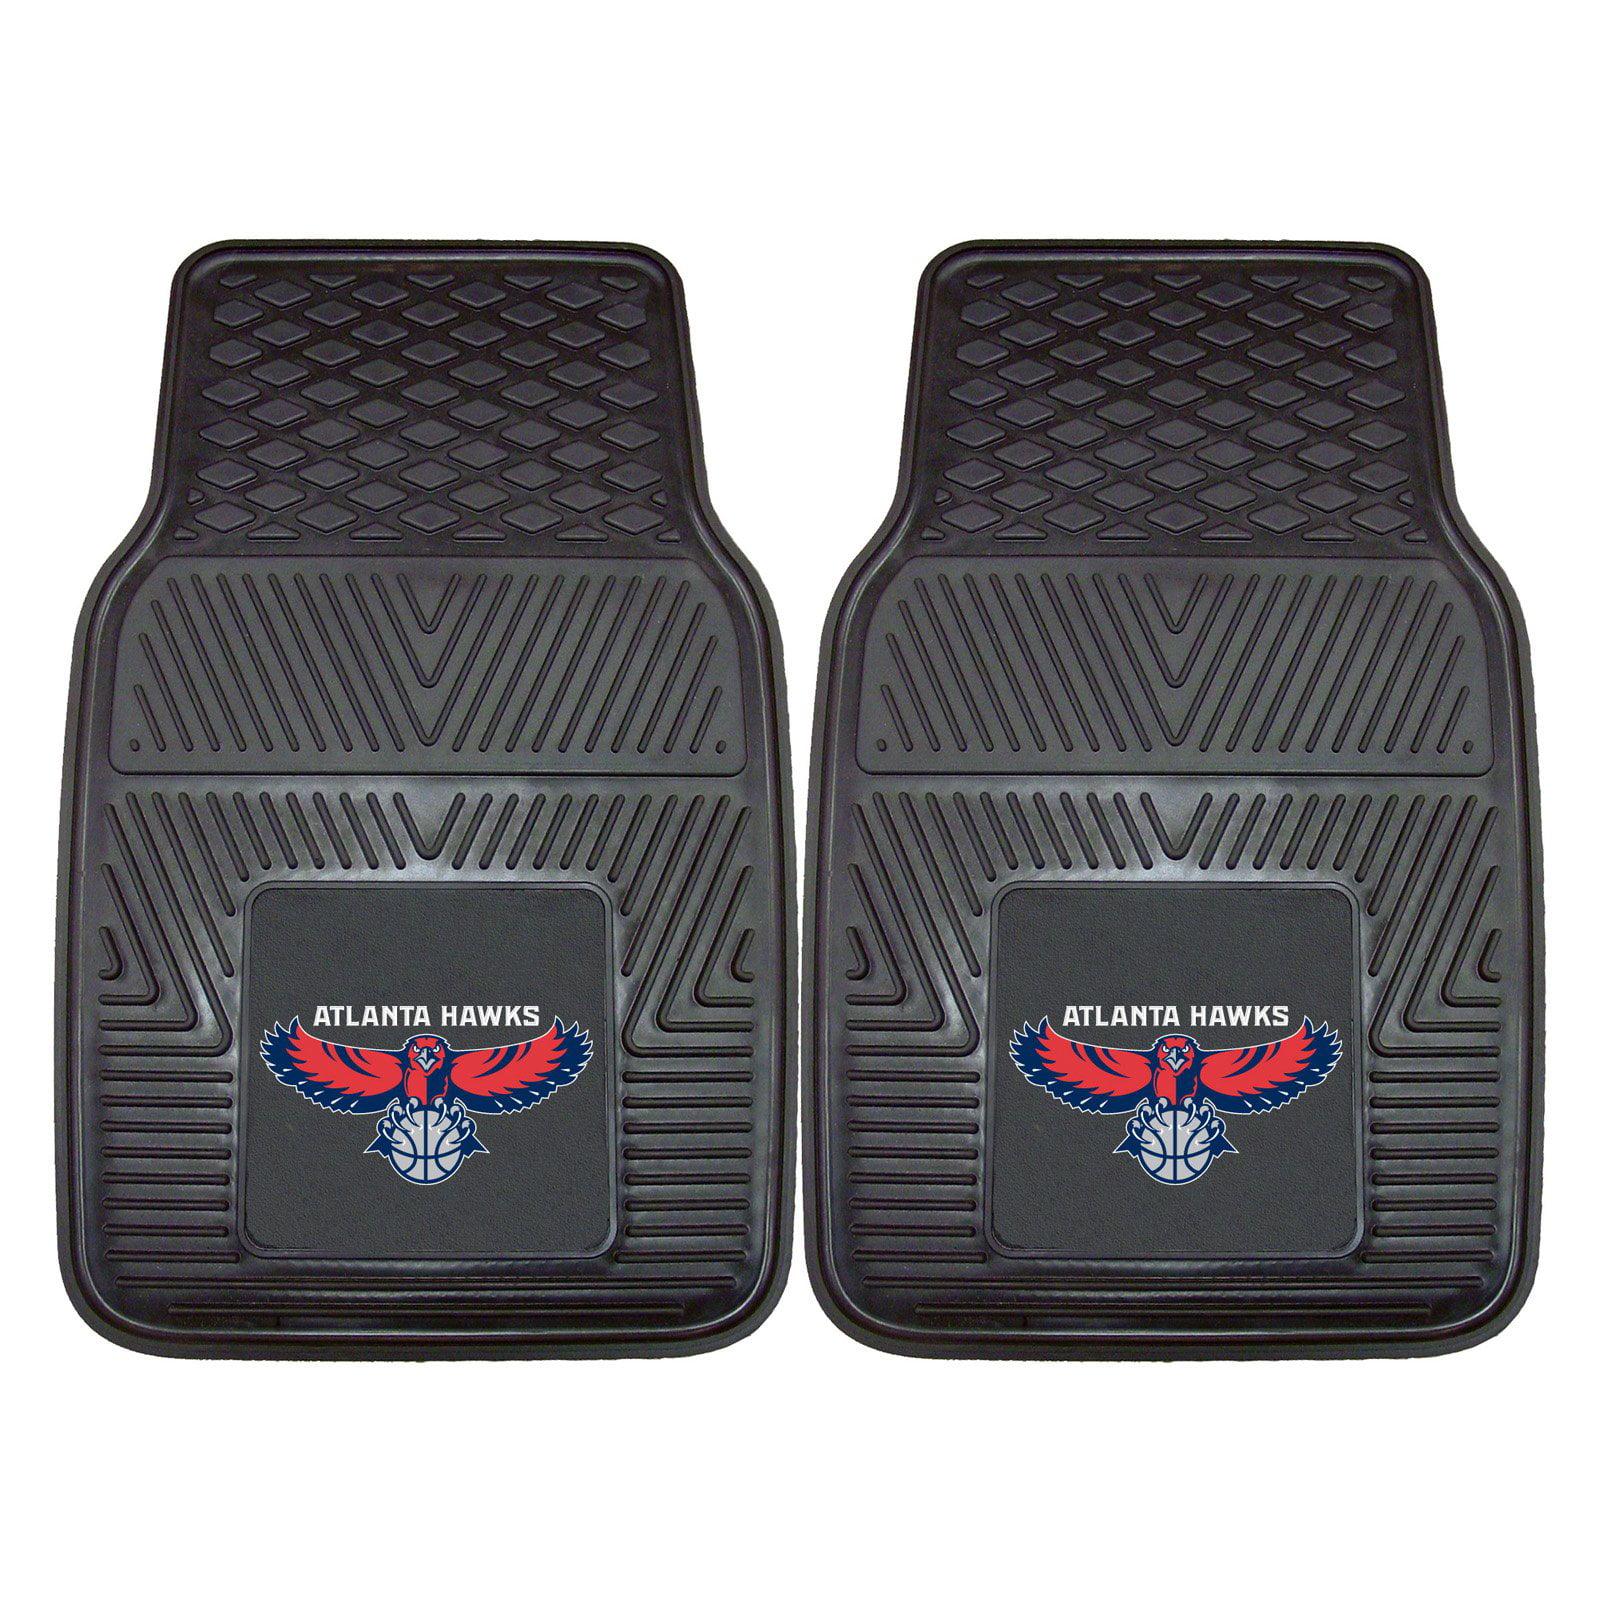 Fanmats NBA 18 x 27 in. Vinyl Car Mat